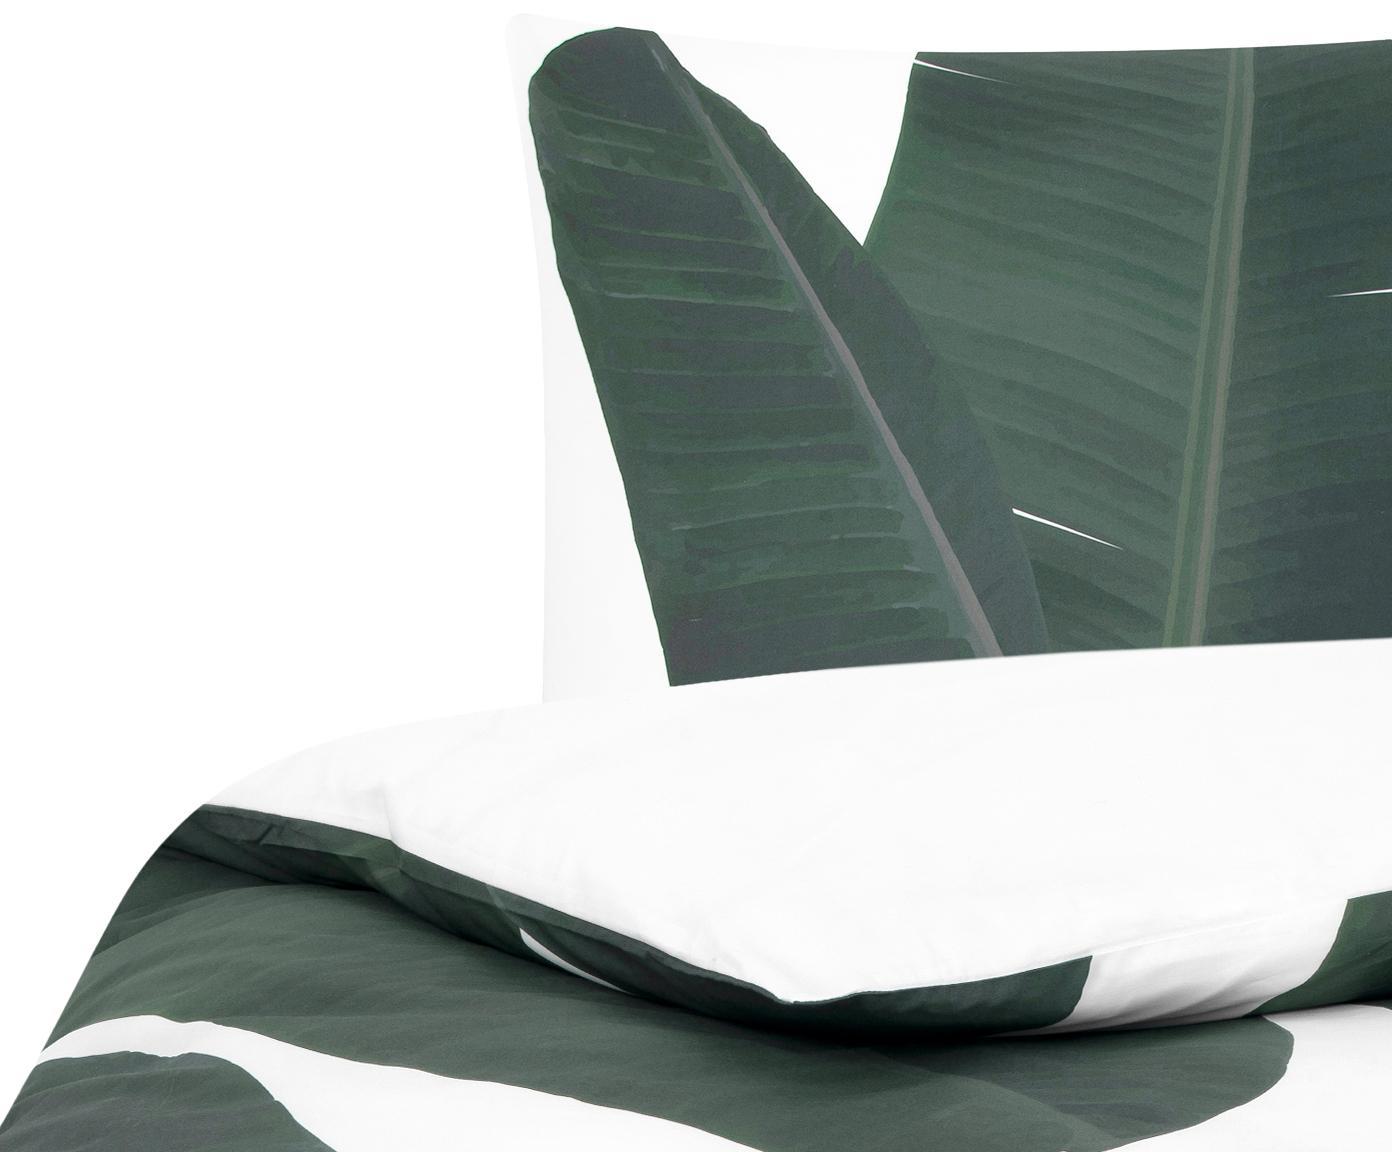 Dwustronna pościel z perkalu Banana, Przód: odcienie zielonego, biały Tył: biały, gładki, 135 x 200 cm